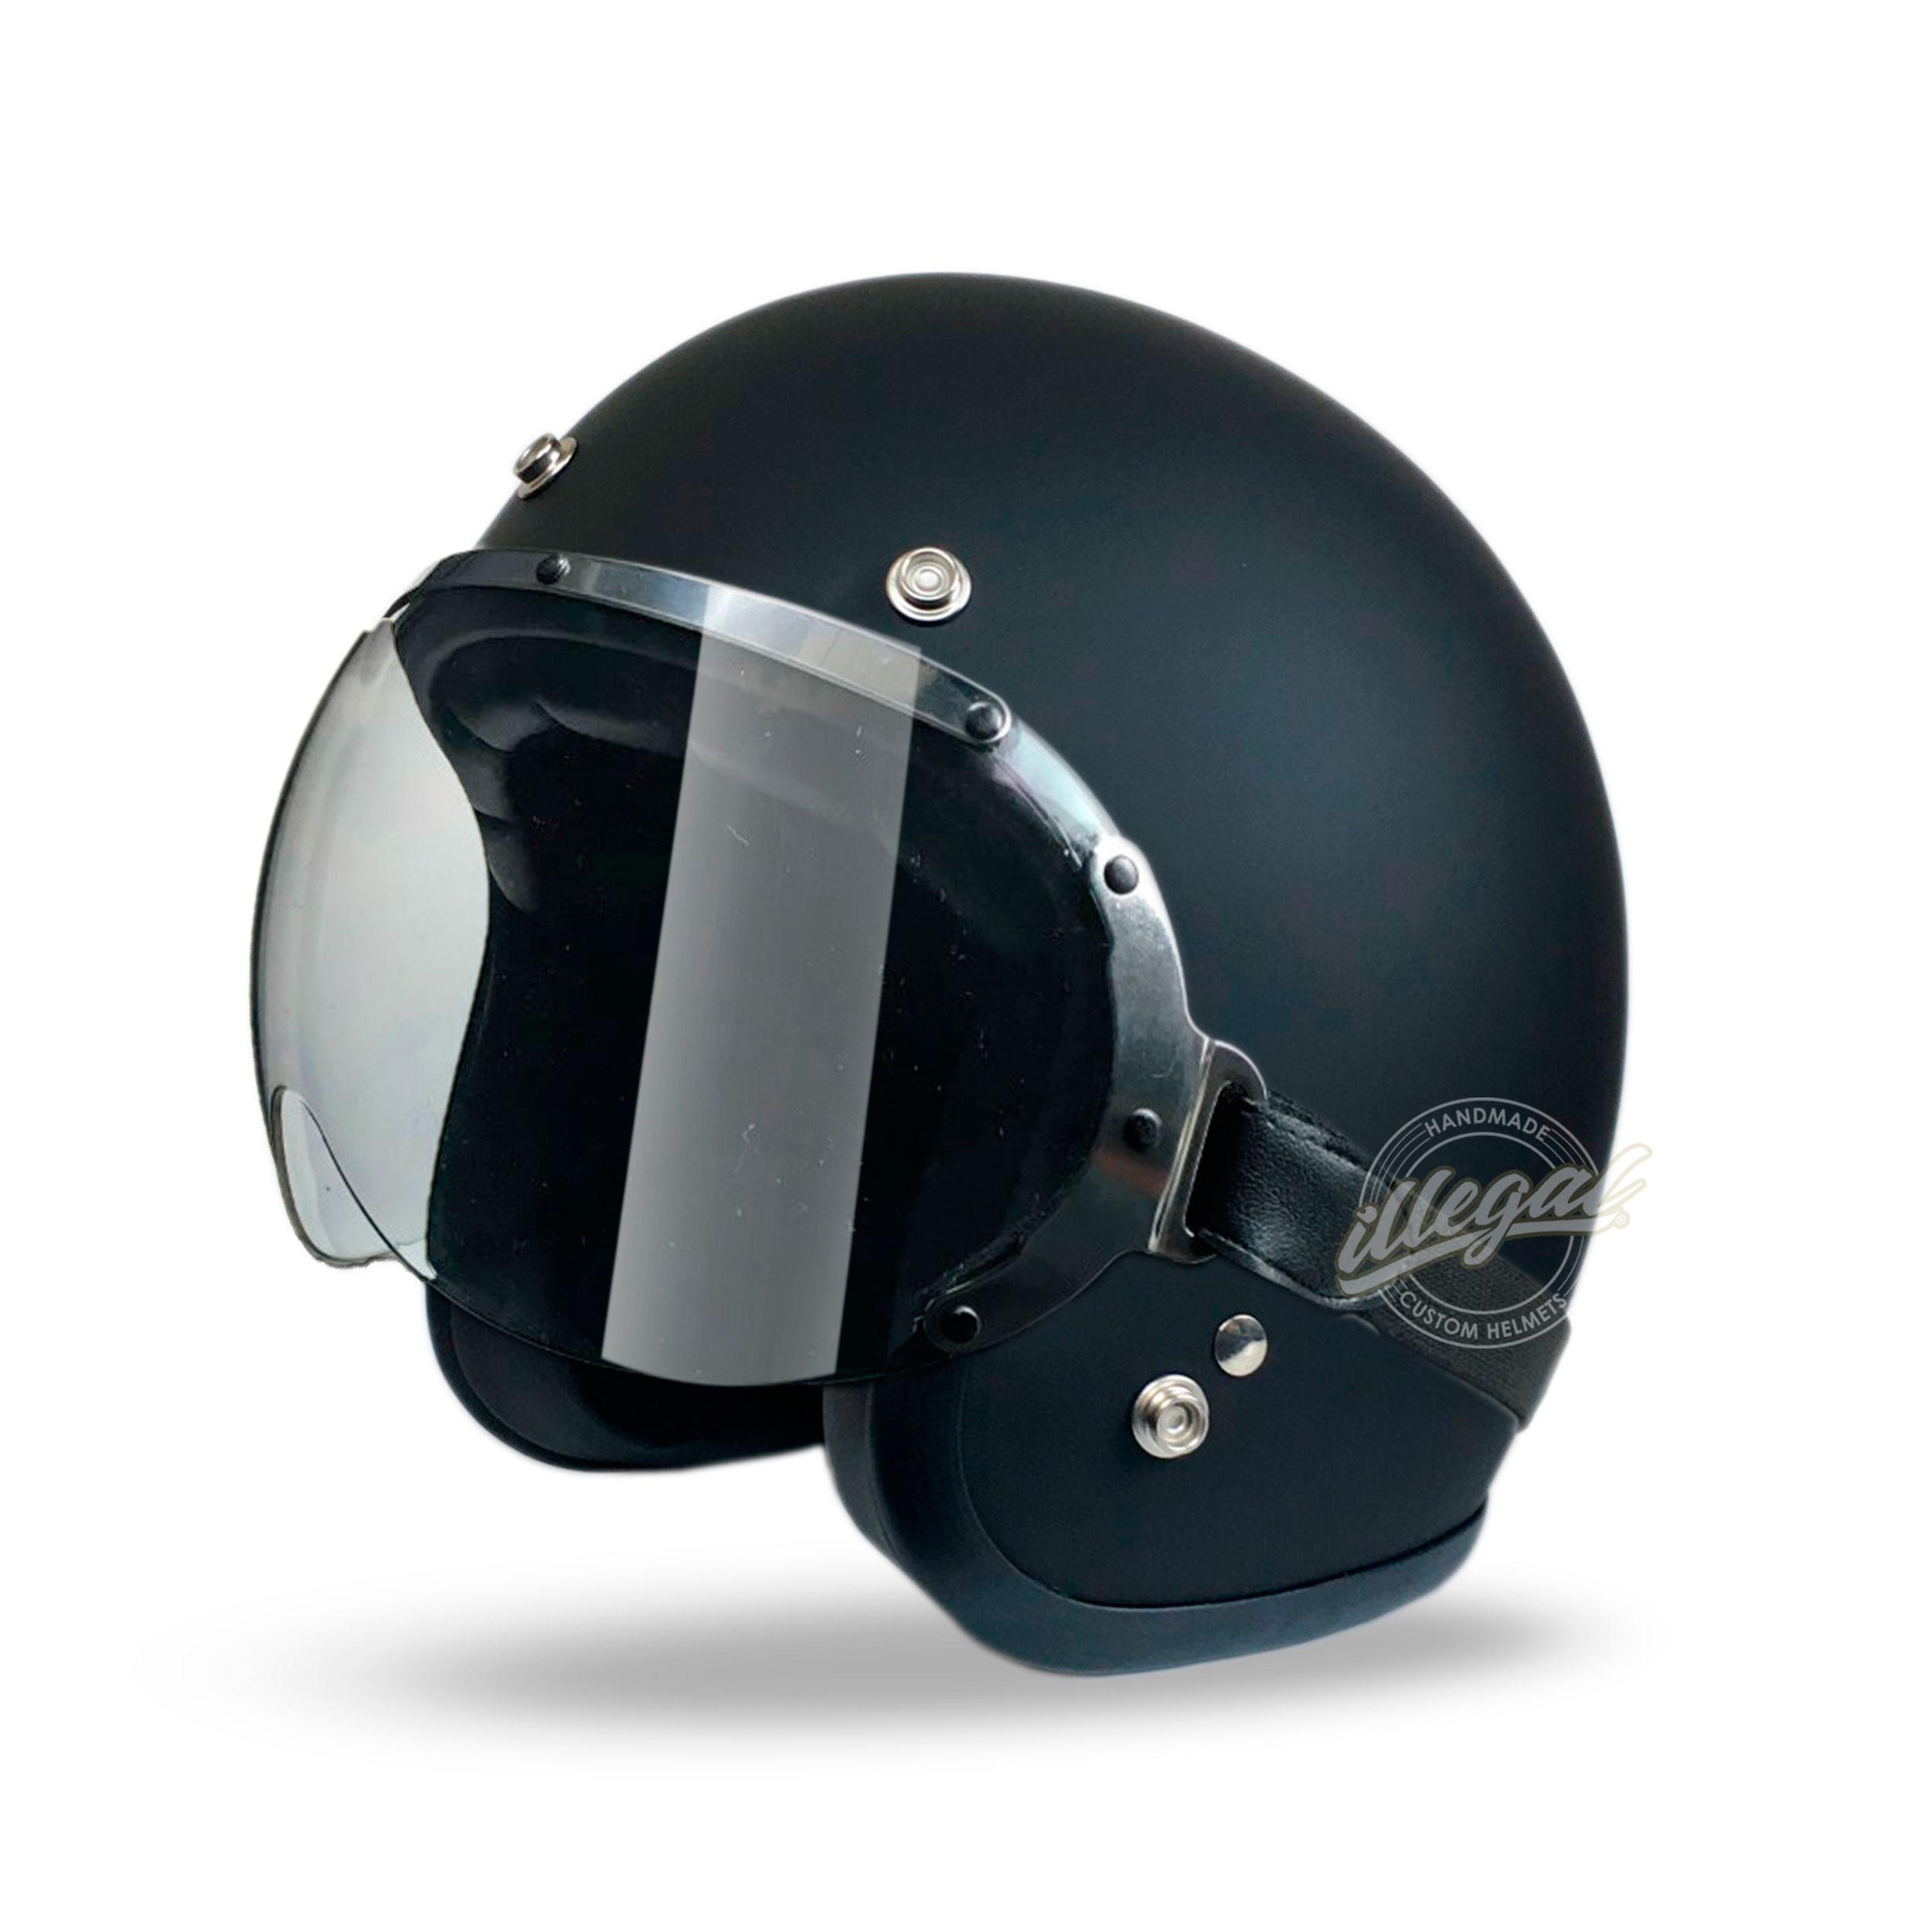 casco moto nero opaco visiera goggle